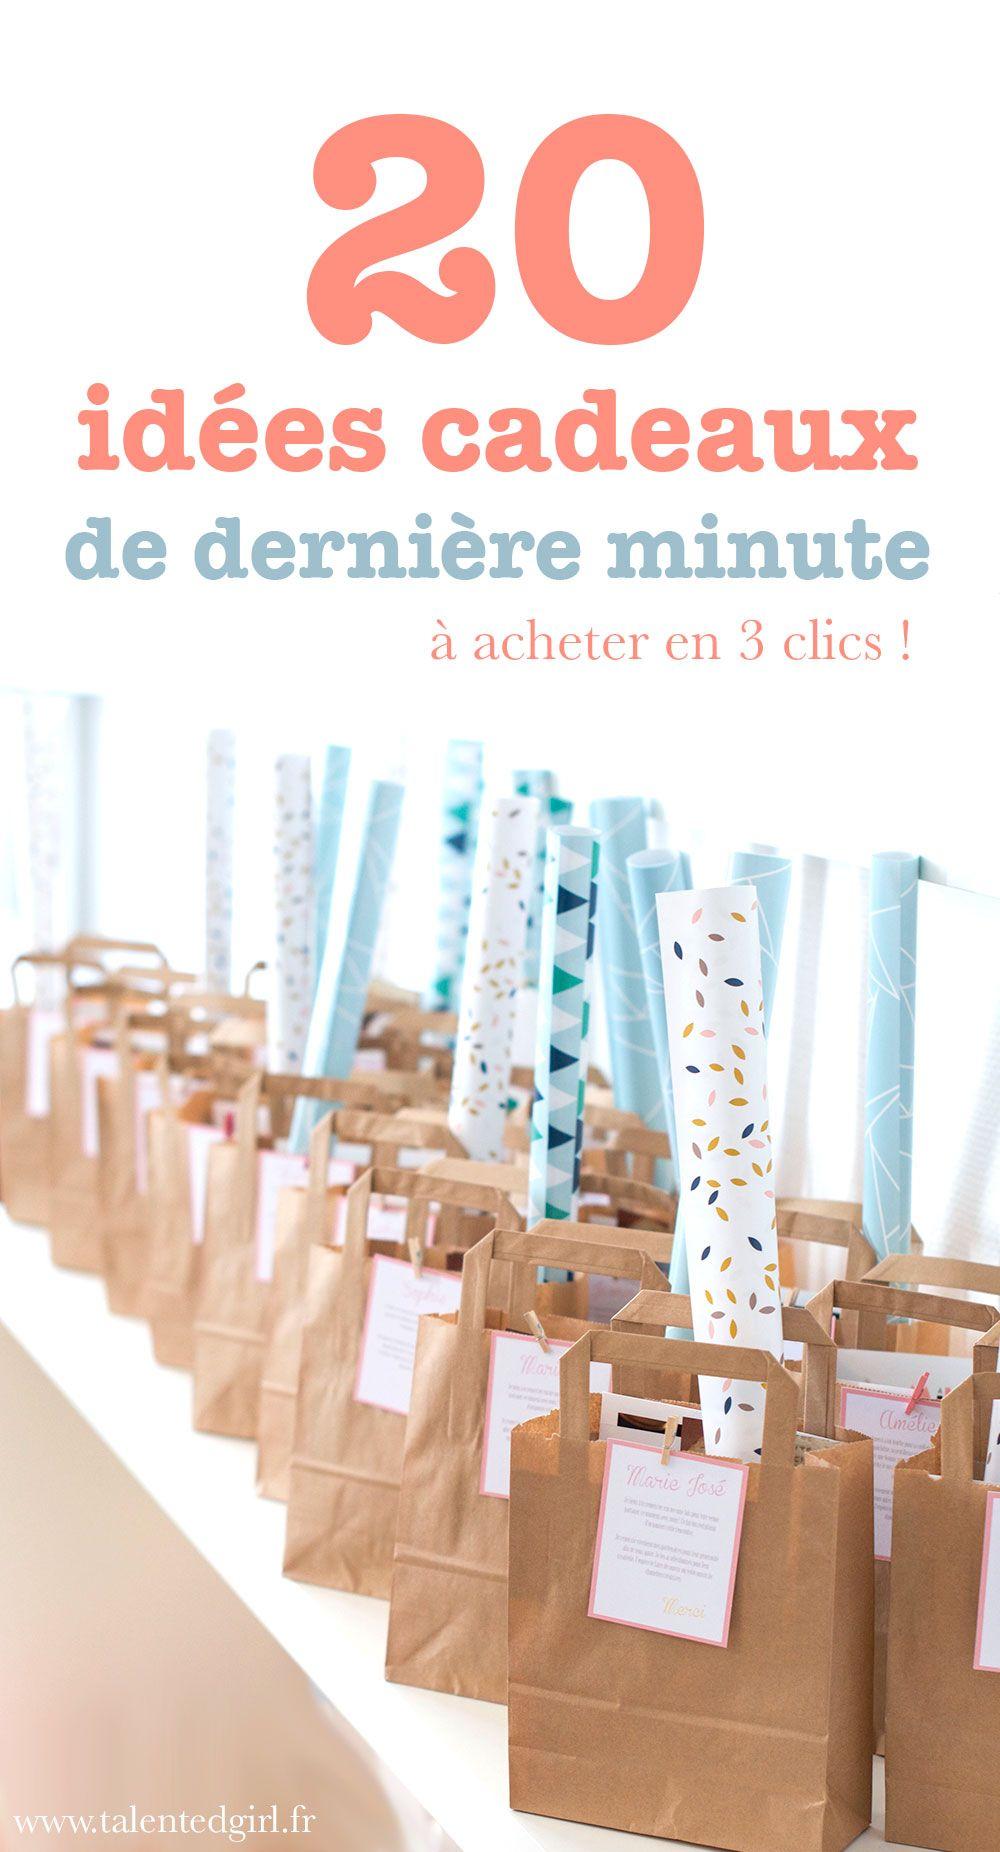 20 Idées De Cadeaux De Dernière Minute Cadeau Dernière